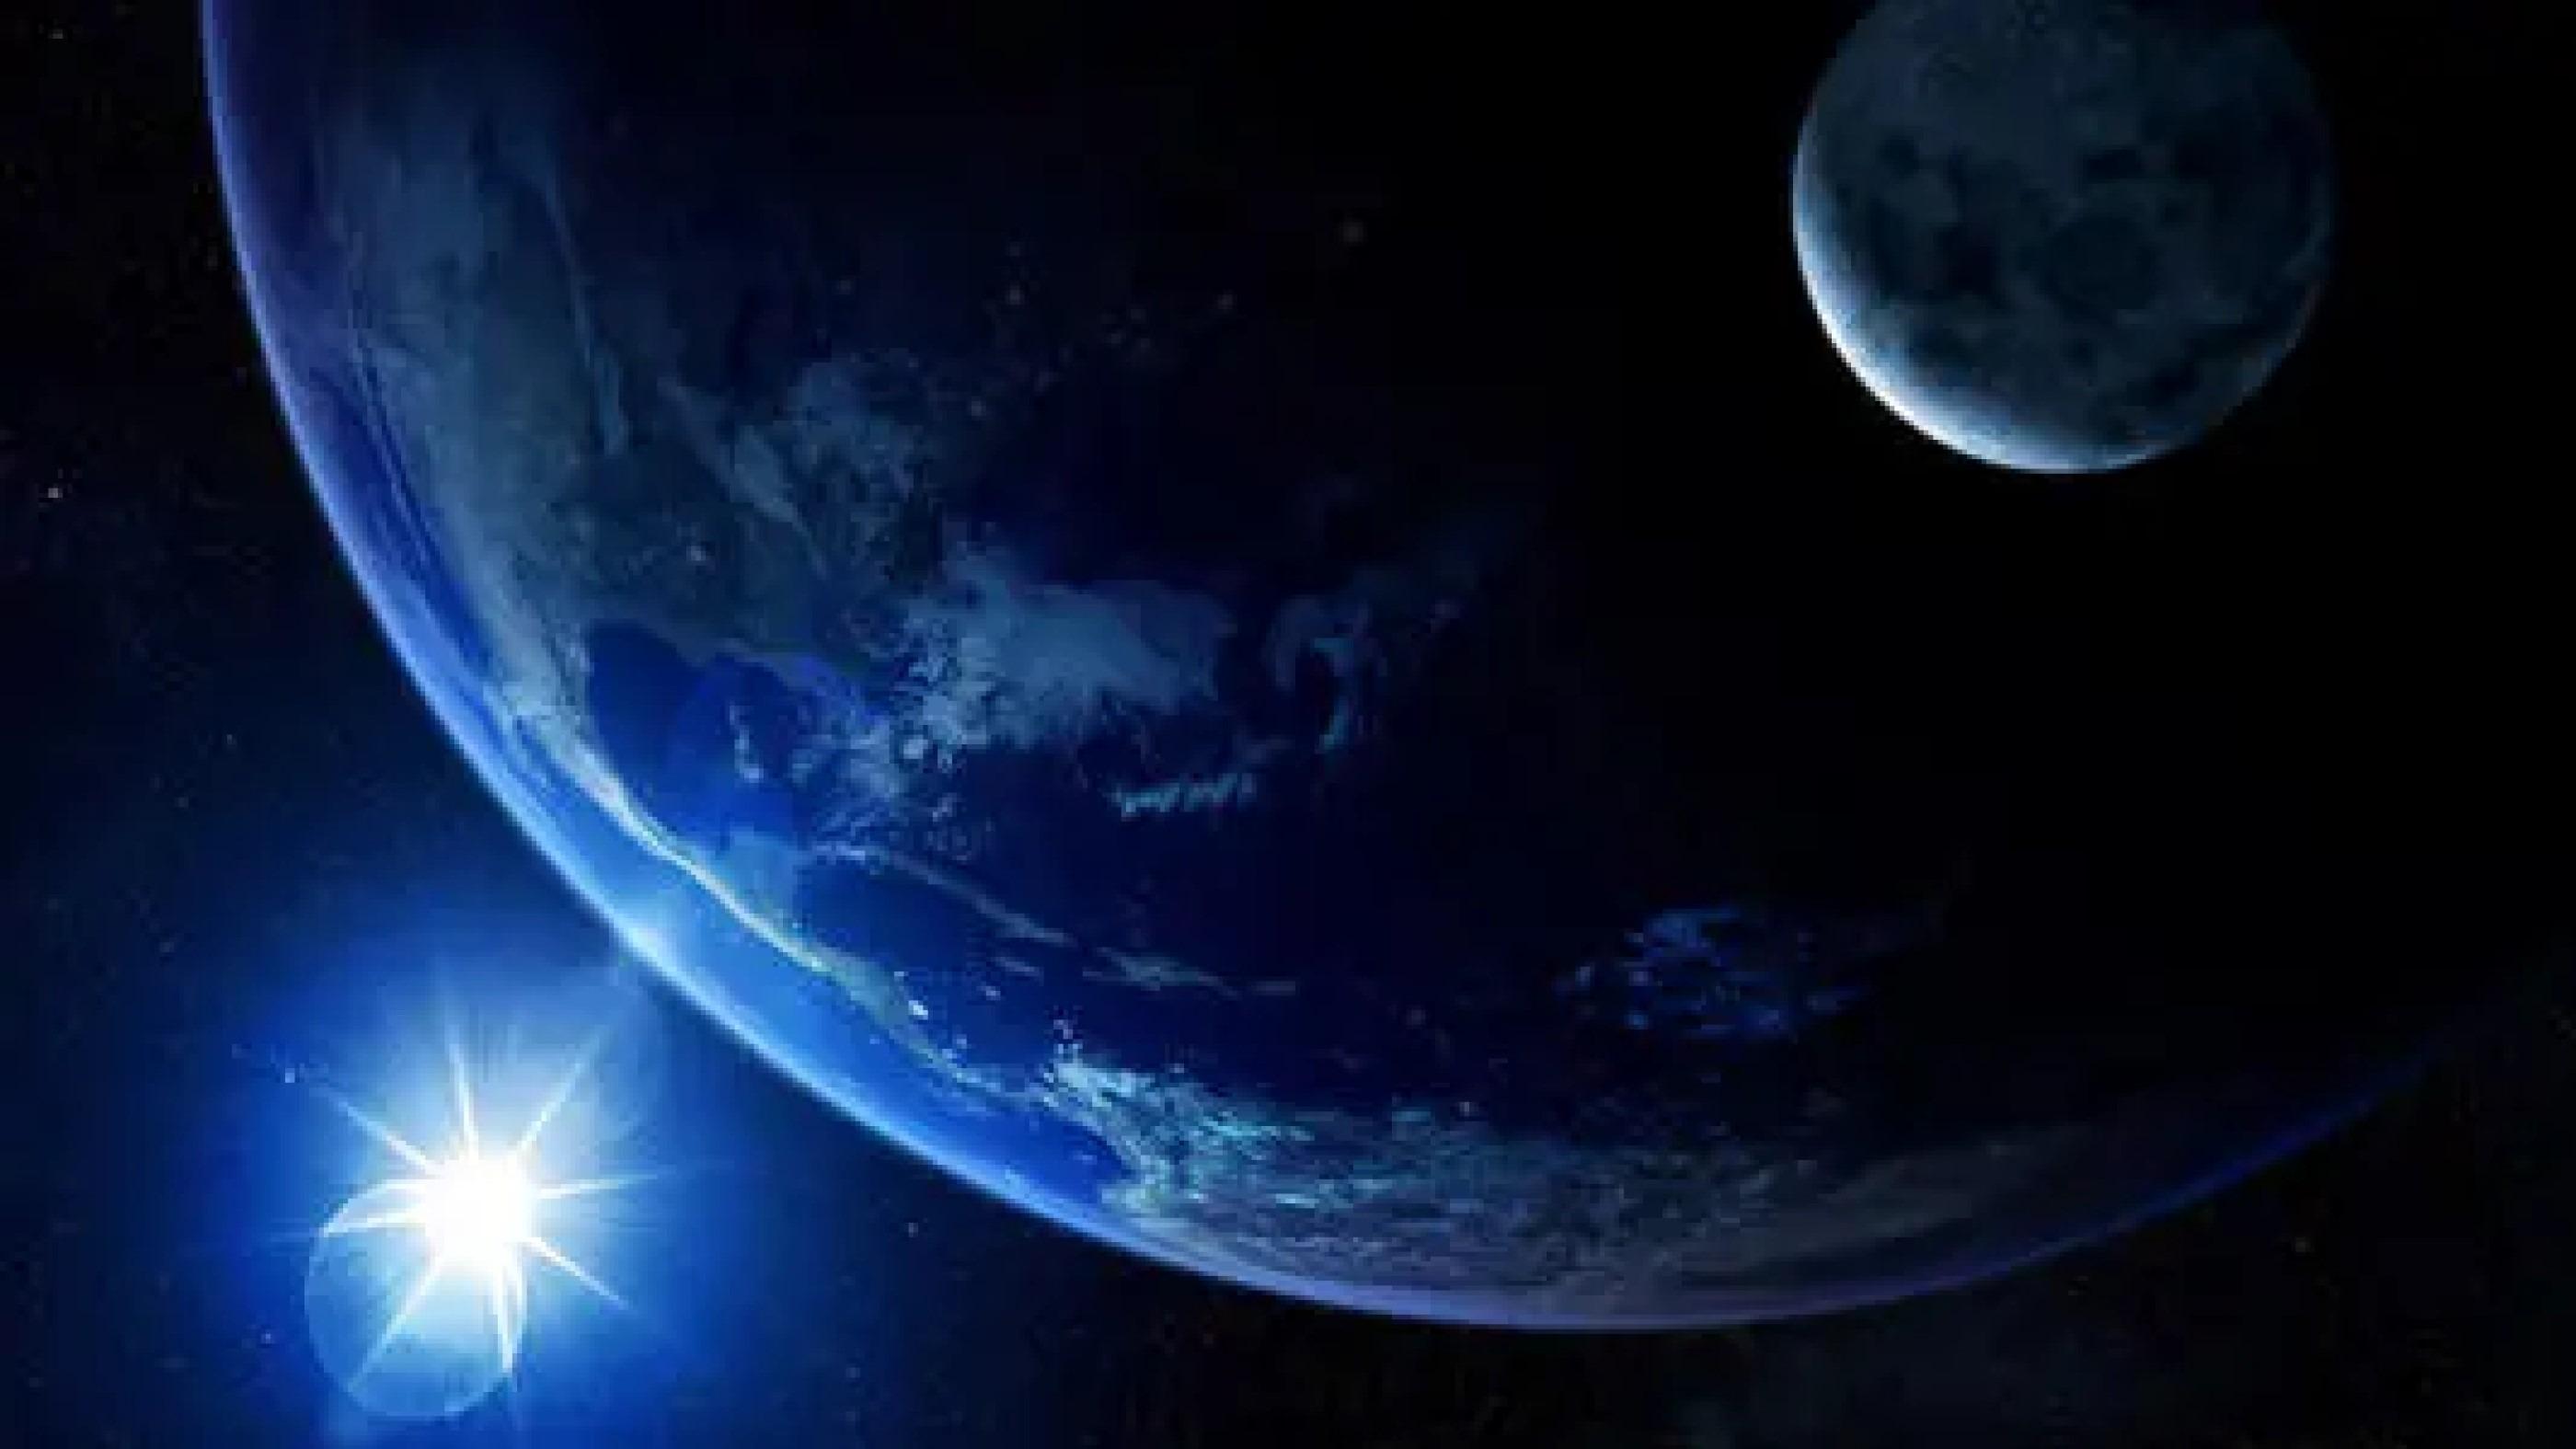 太阳巨大能量,为啥晒不热太空,到了地球却温暖万物?的头图